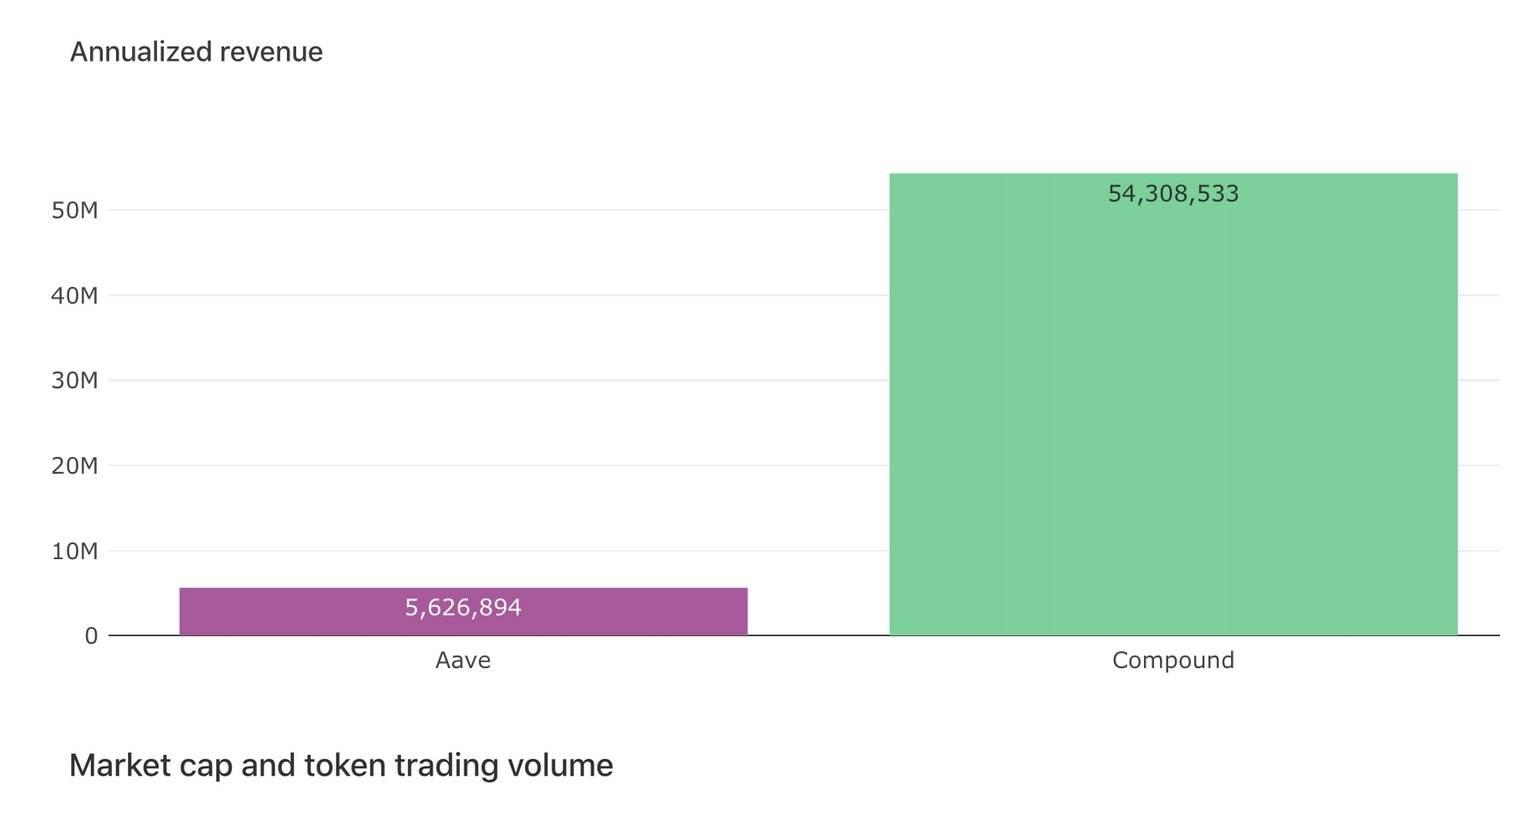 投票 谷燕西:从今天的游戏行业 看未来的数字金融生态